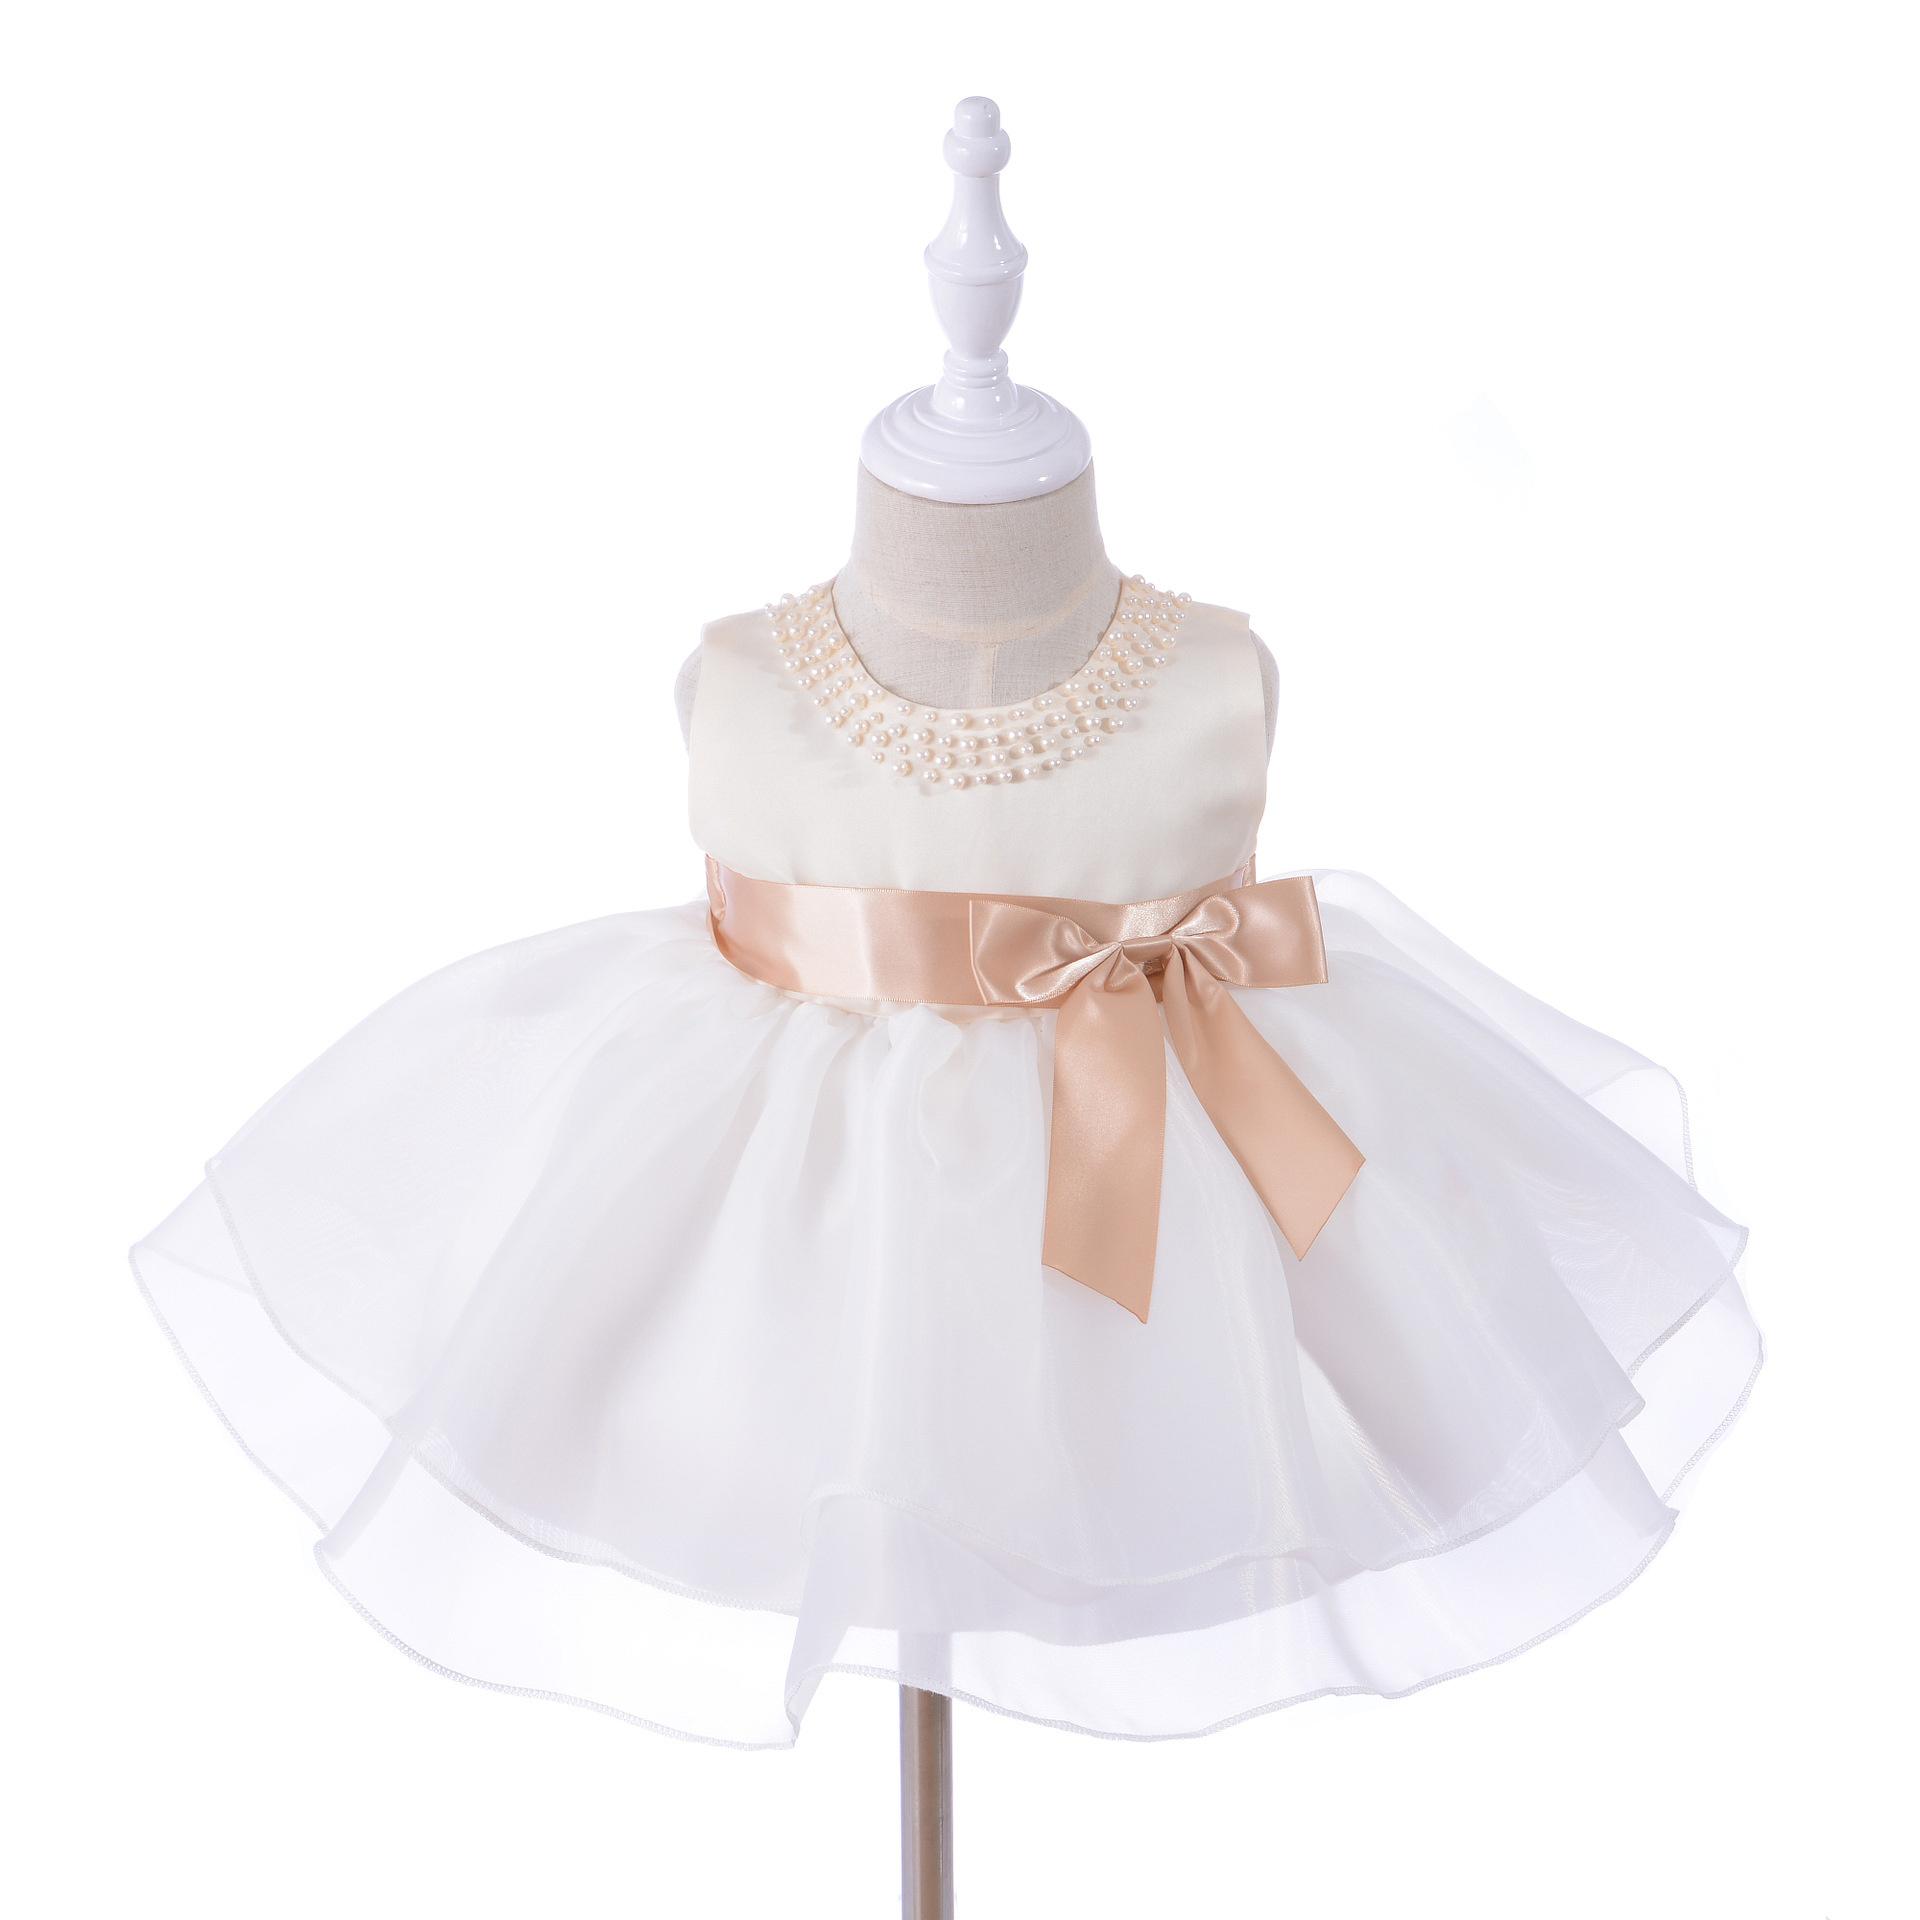 Meisjeskleding Meisjes Feestjurk Helena - wit / roze